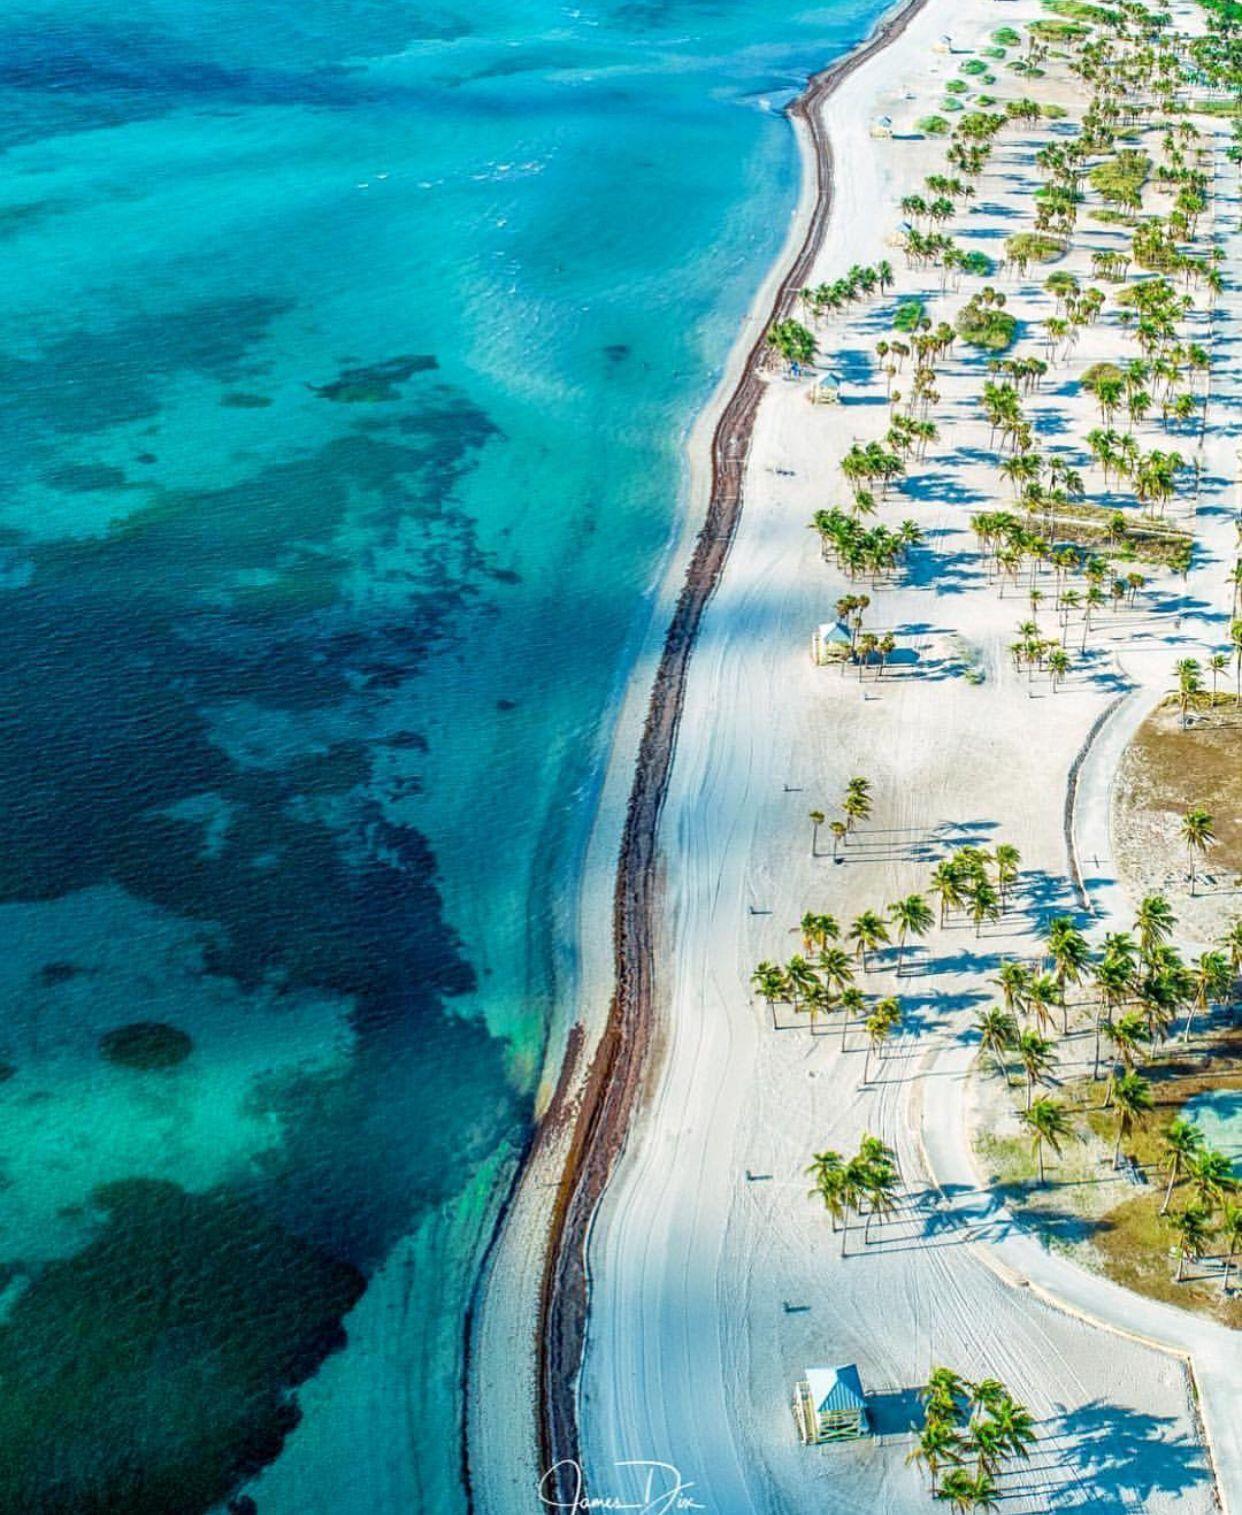 #pureflorida #beachpicturesalone | Florida images, Florida ...